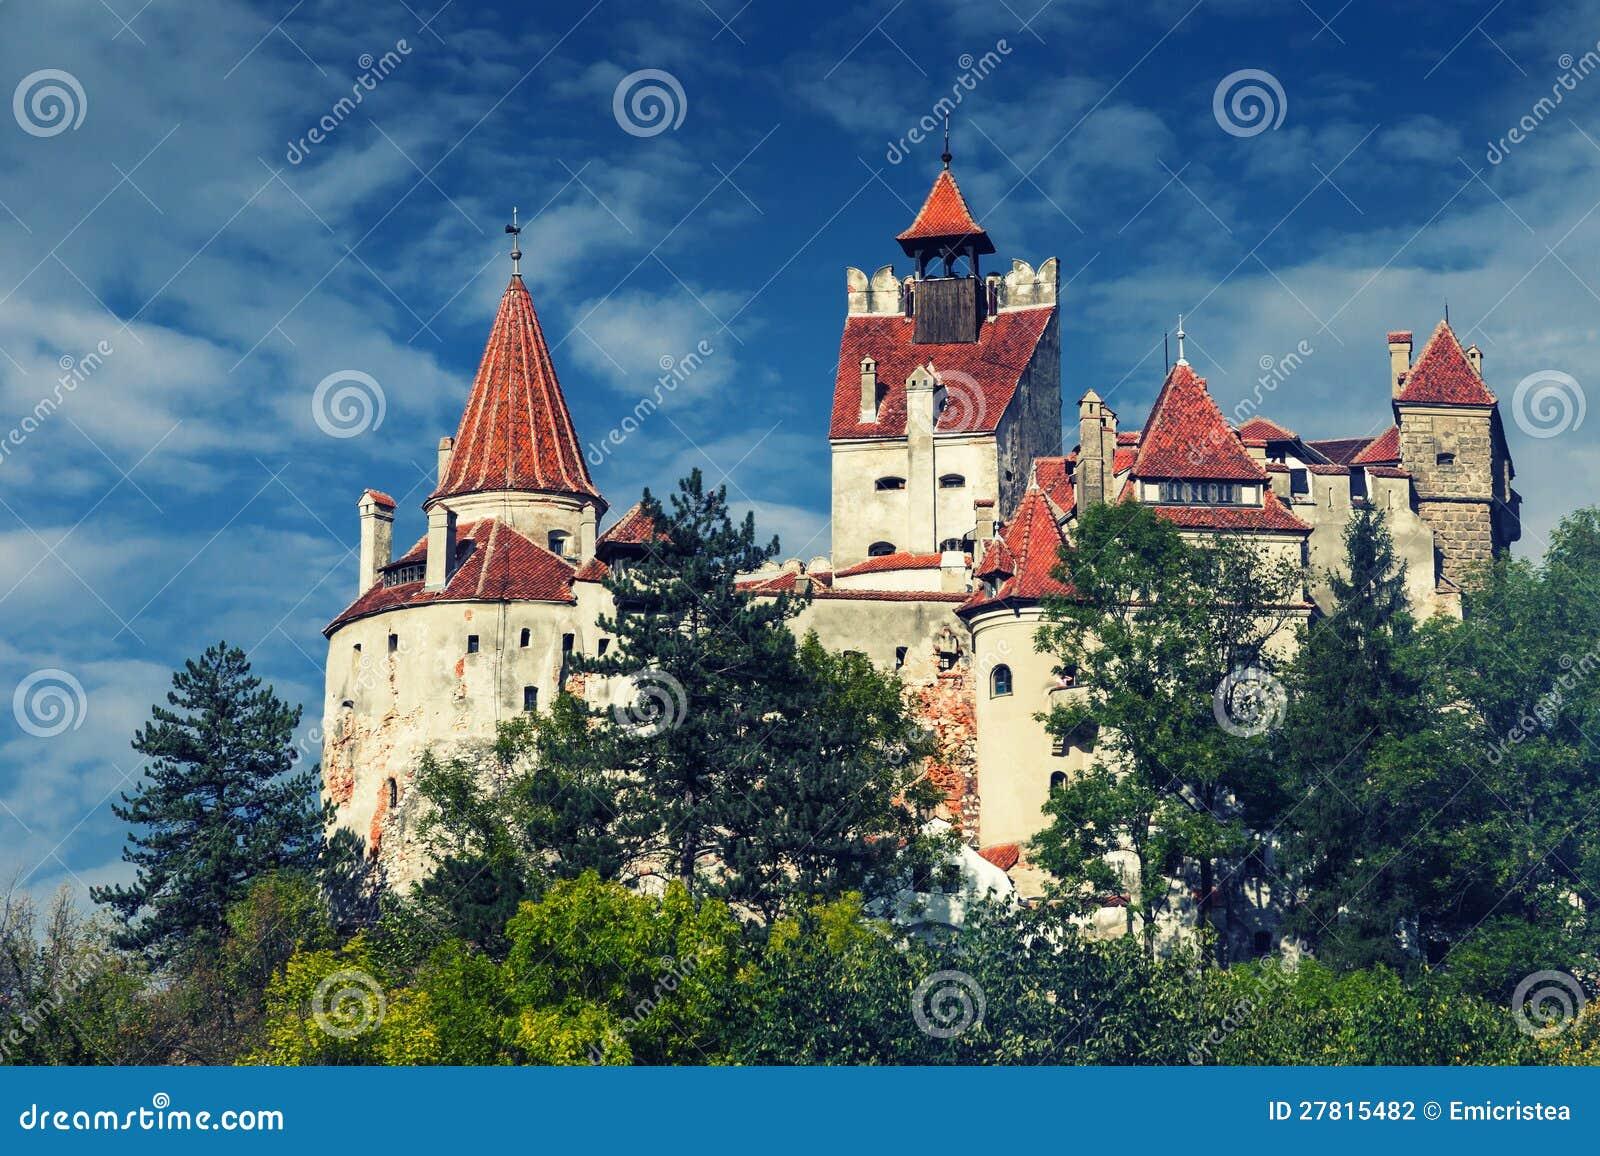 Kleie-Schloss, Transylvanien Rumänien, Telefonart